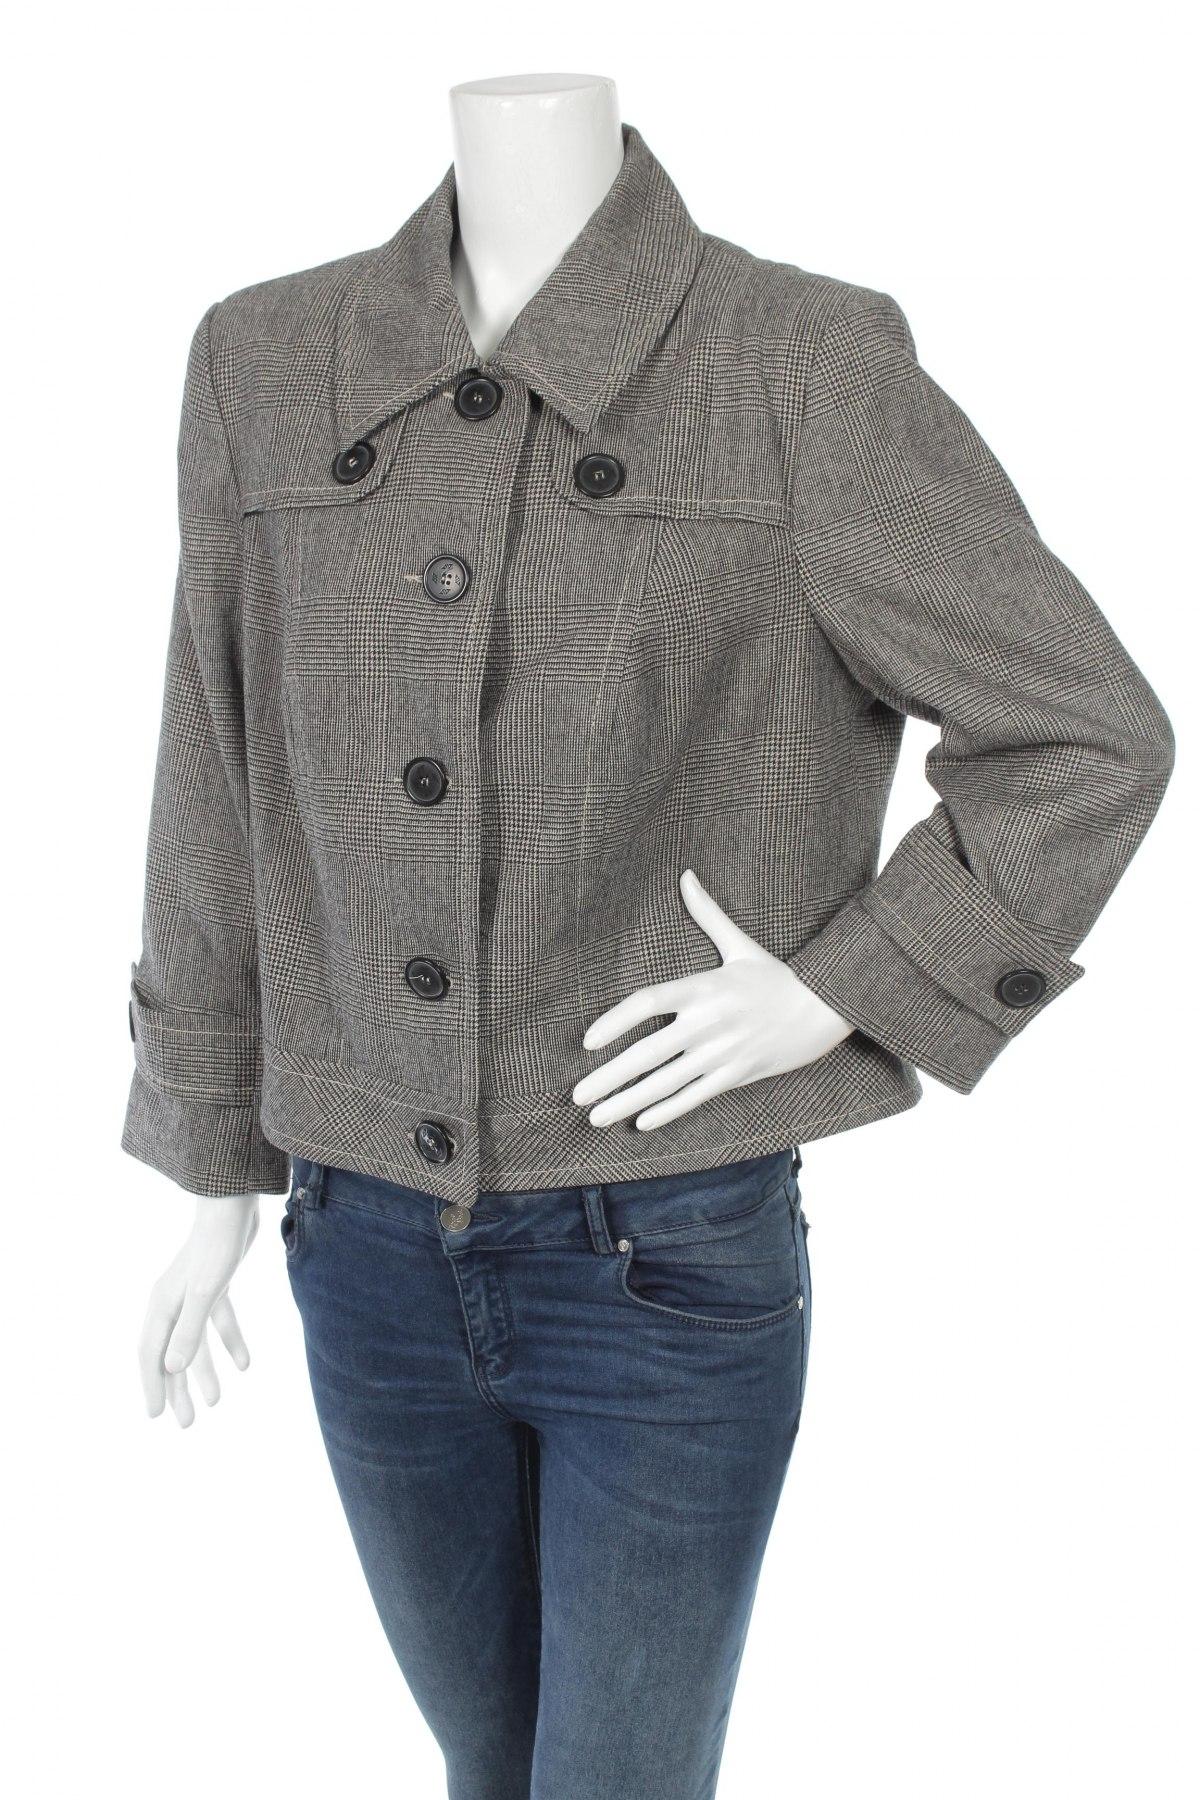 Dámsky kabát Apart - za výhodnú cenu na Remix -  102817054 ba4c8296db7